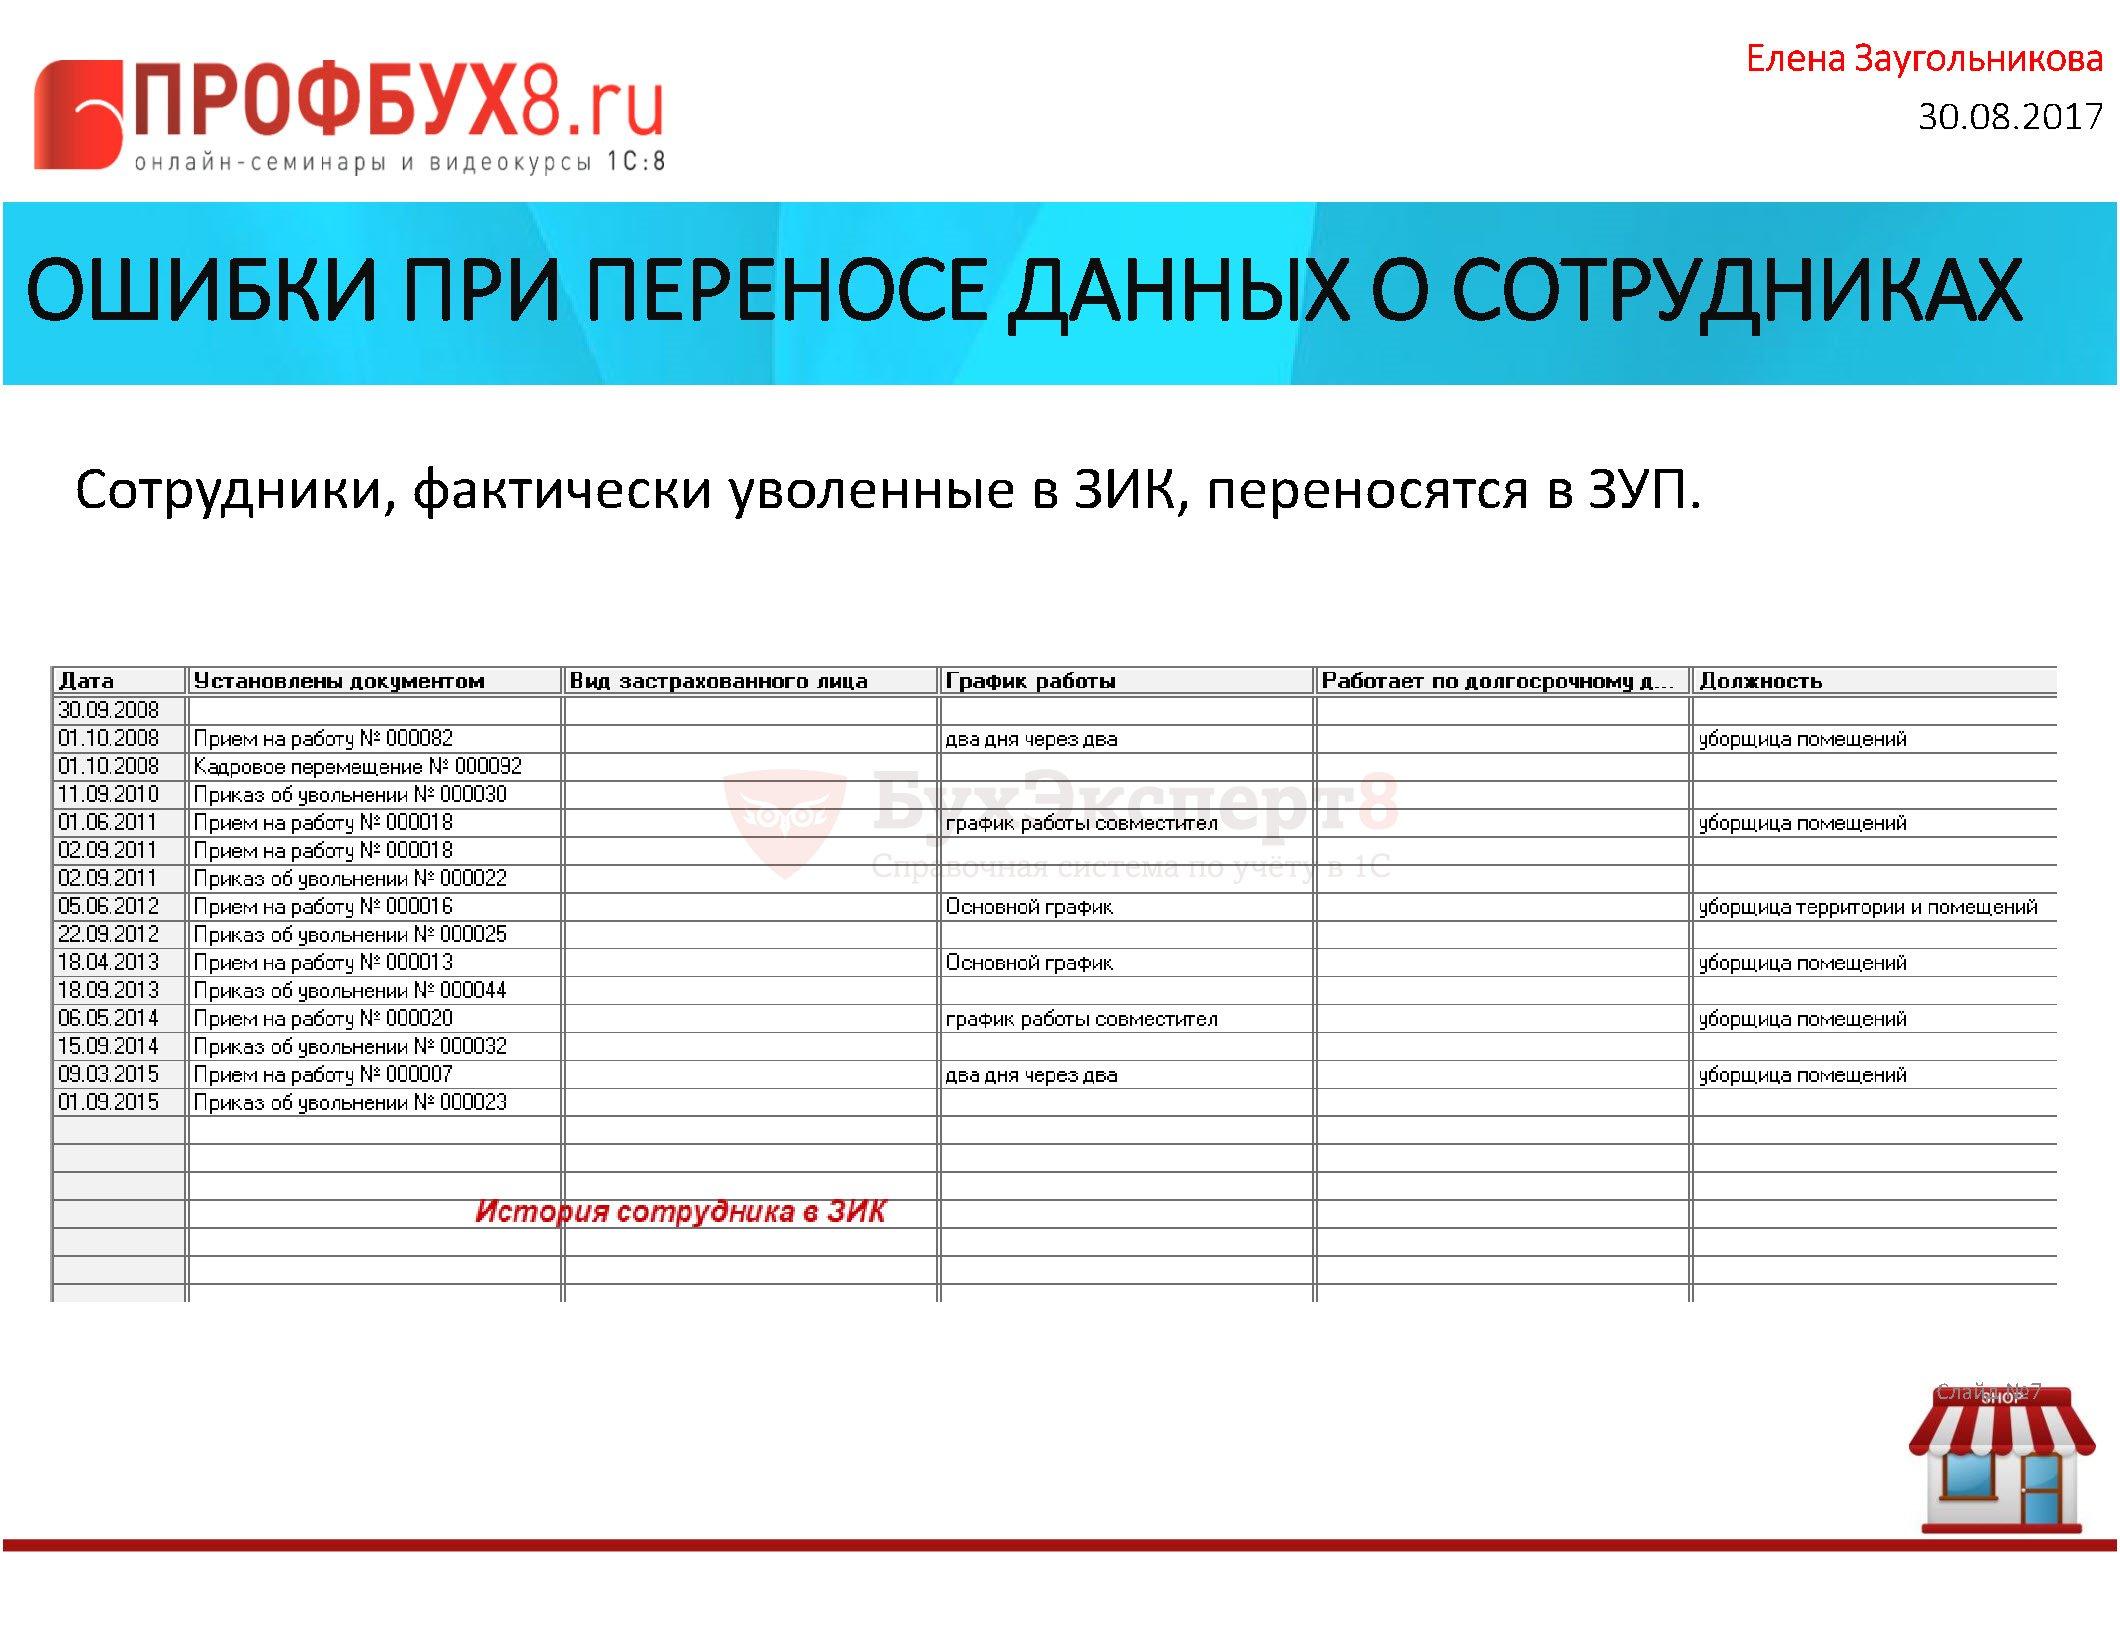 ОШИБКИ ПРИ ПЕРЕНОСЕ ДАННЫХ О СОТРУДНИКАХ Сотрудники, фактически уволенные в ЗИК, переносятся в ЗУП.